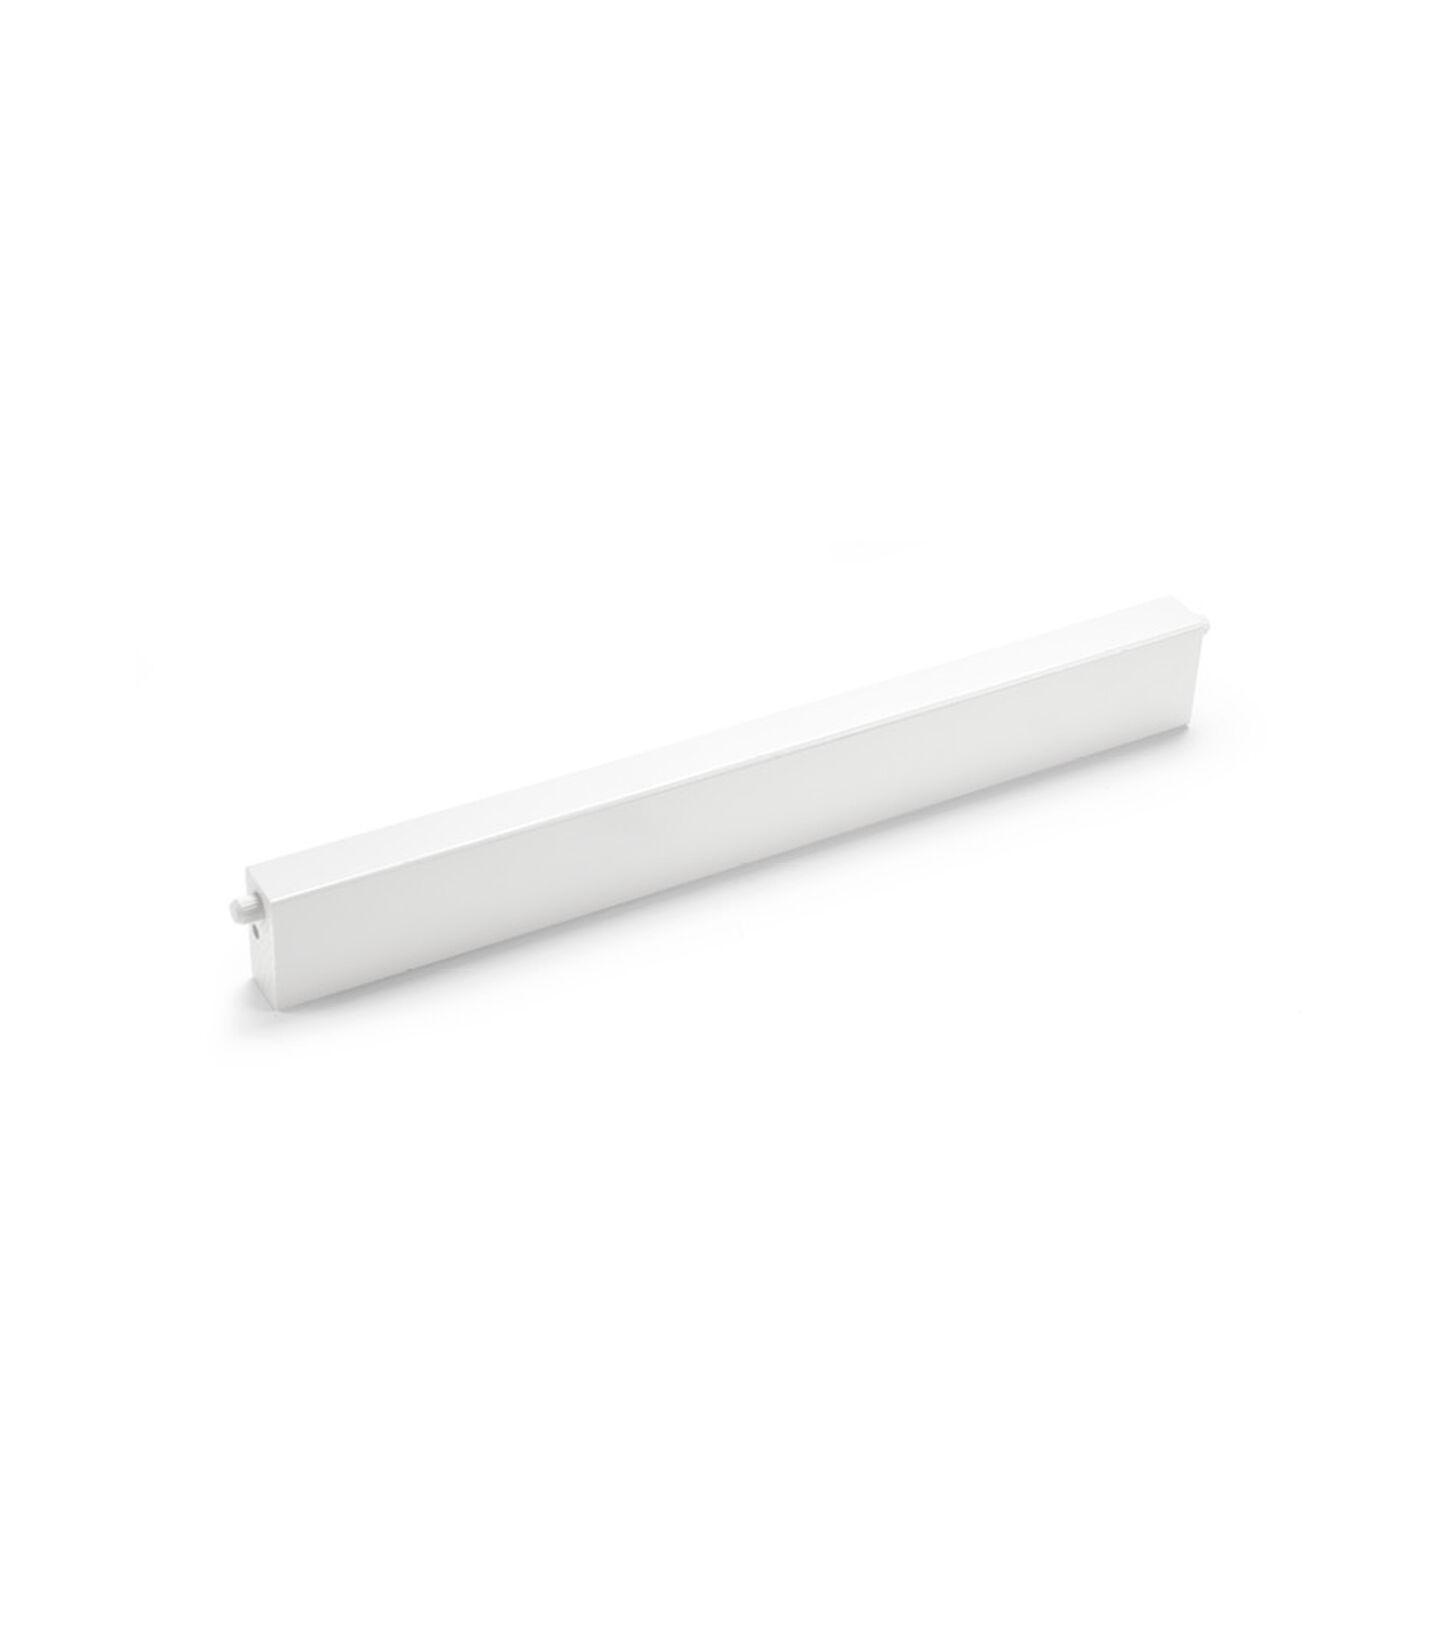 Tripp Trapp® poprzeczka dolna White, White, mainview view 1